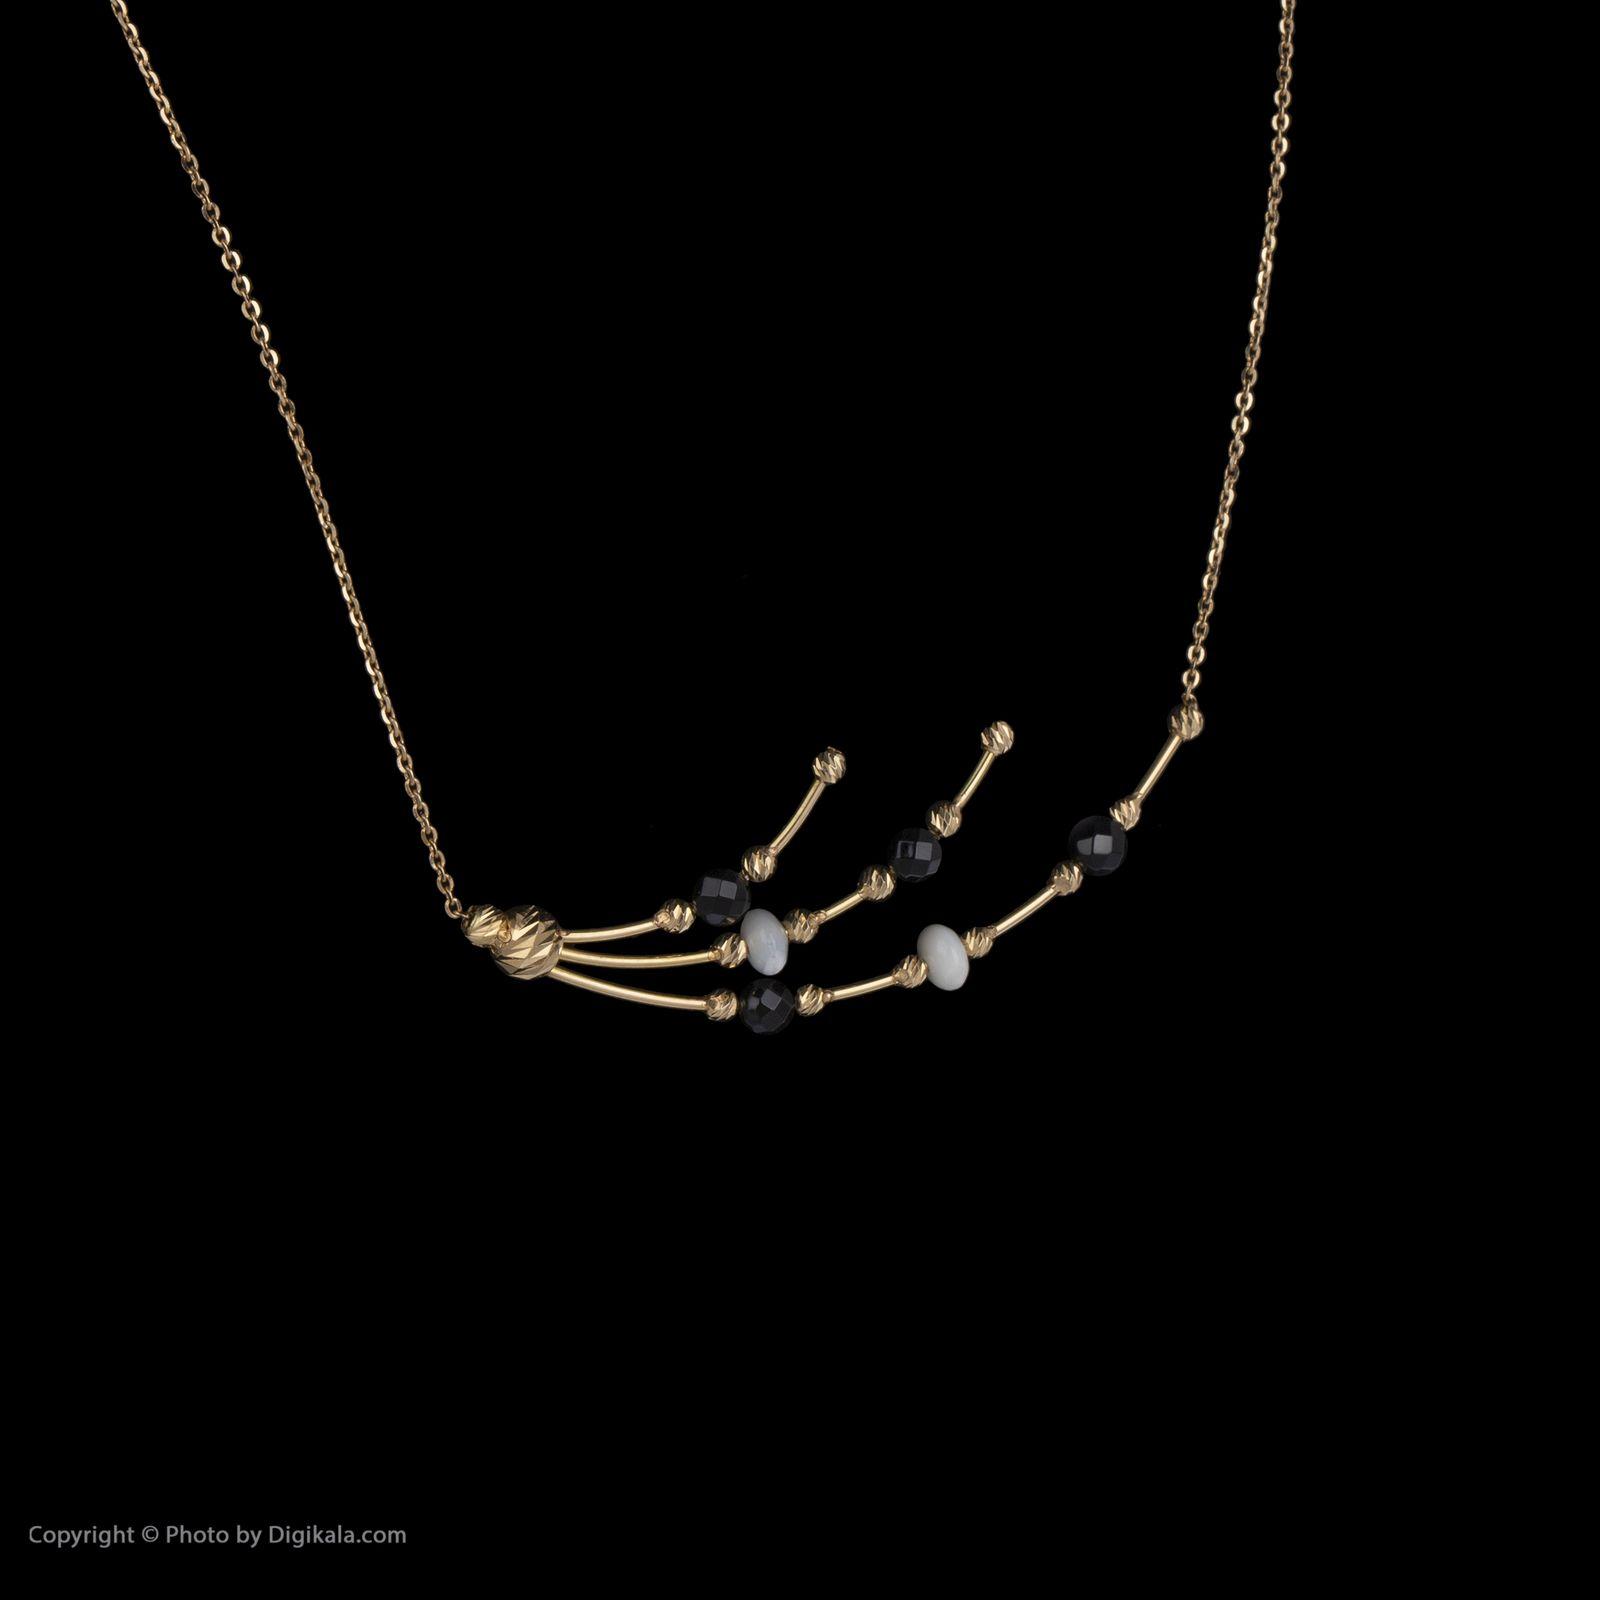 گردنبند طلا 18 عیار زنانه سیودو مدل 146427 -  - 4